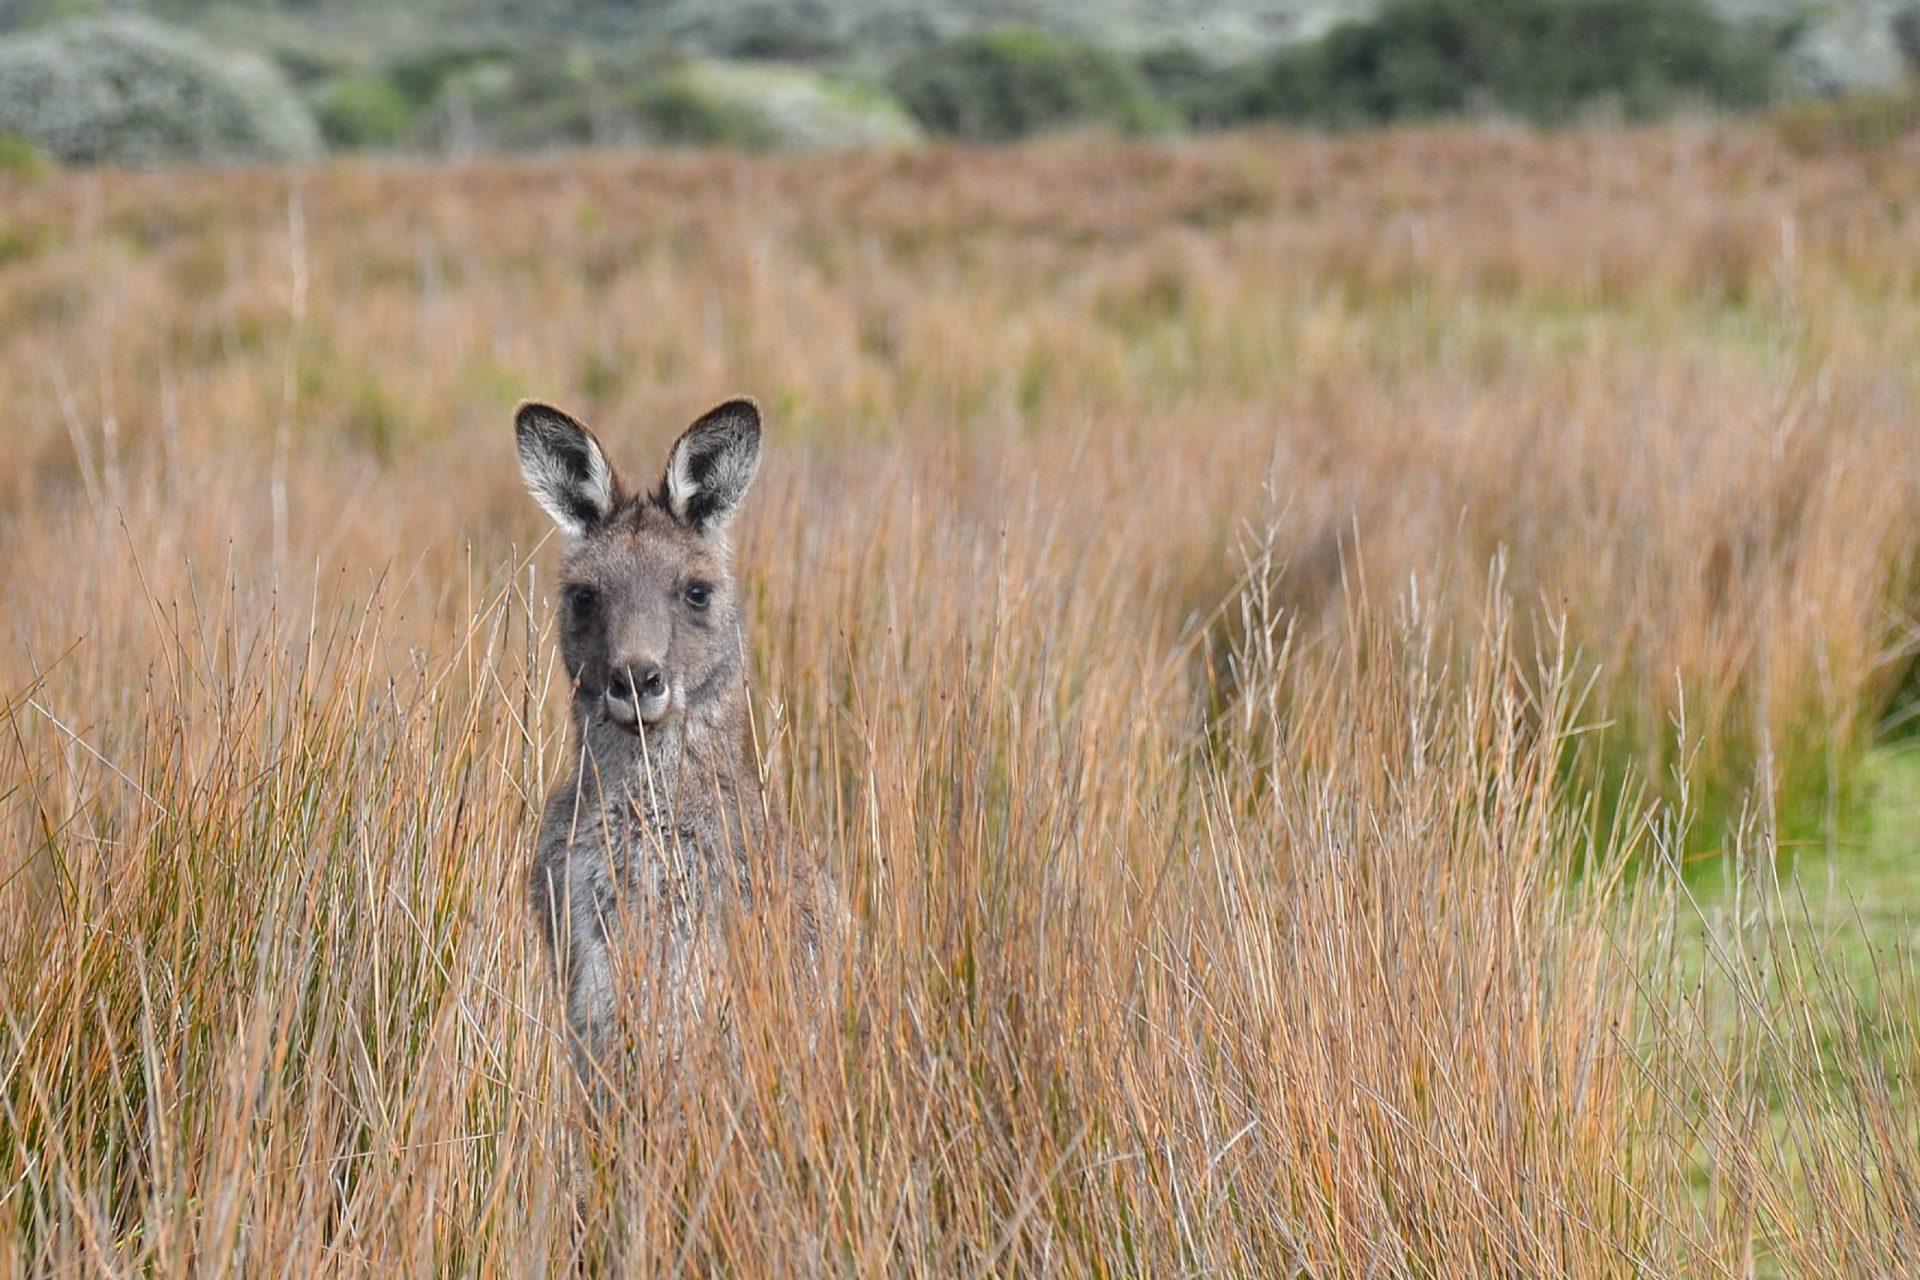 kangaroo in an australian savanna